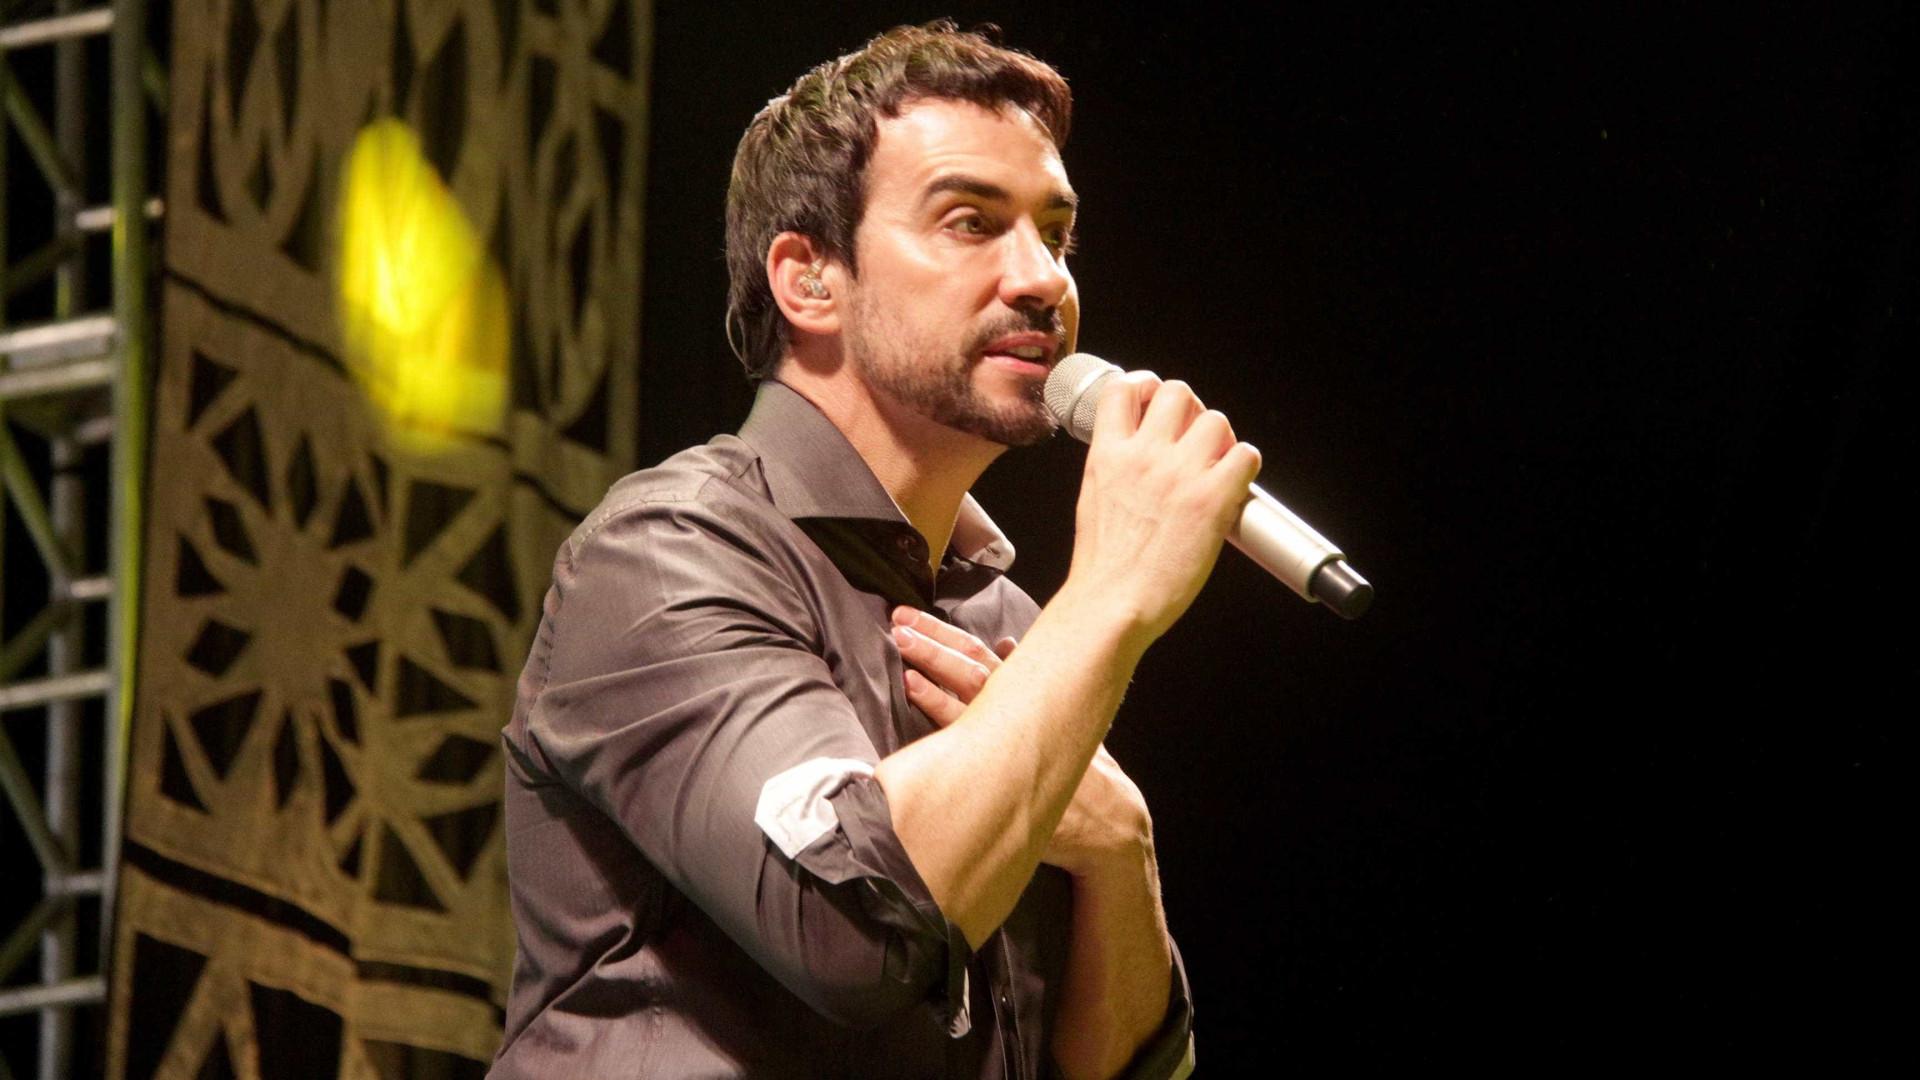 Pe. Fábio de Melo diz que foi assediado por famoso apresentador de TV